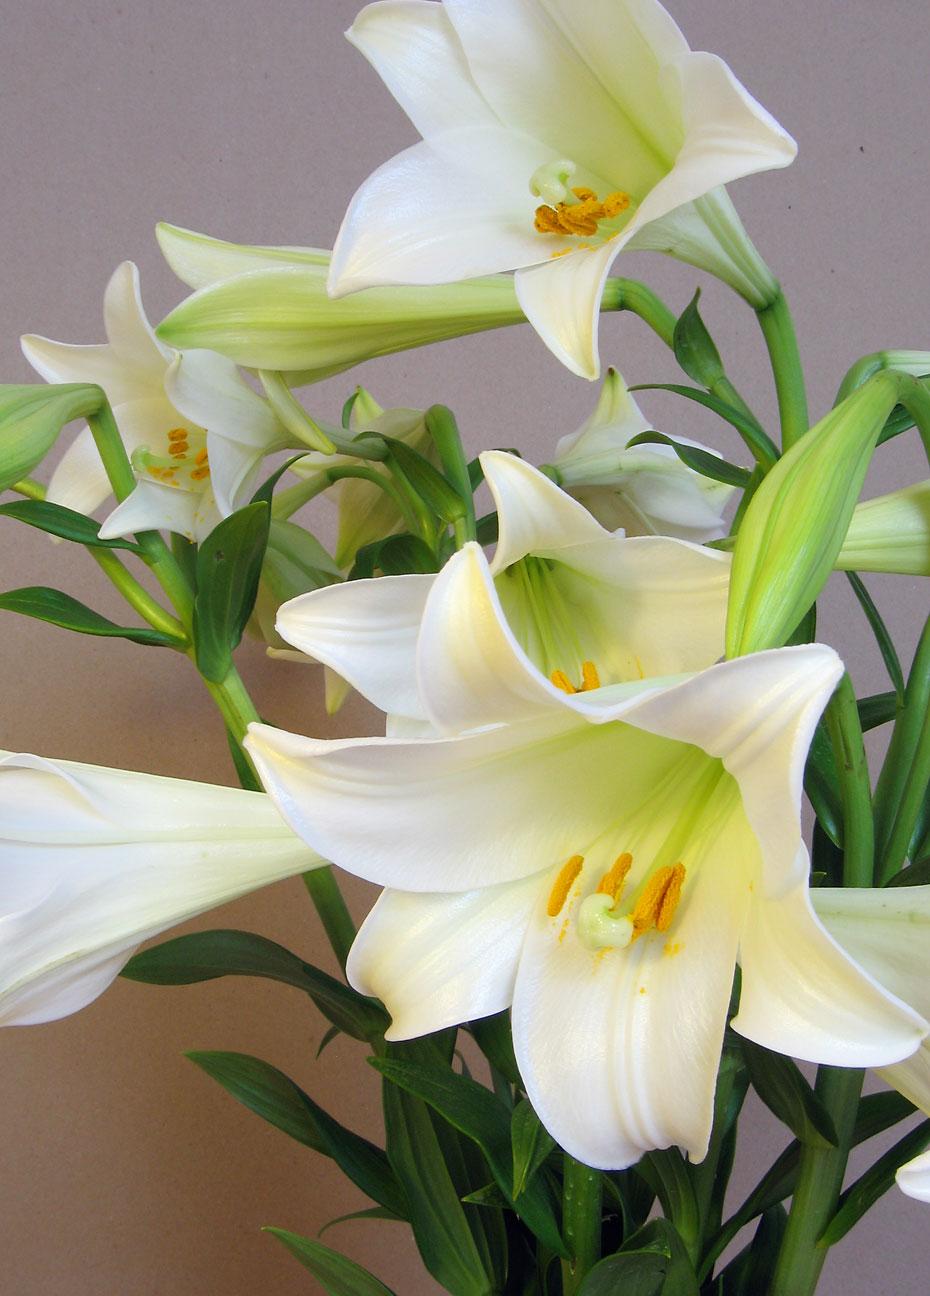 Hoa huệ trắng cắm chung một chỗ rất đẹp